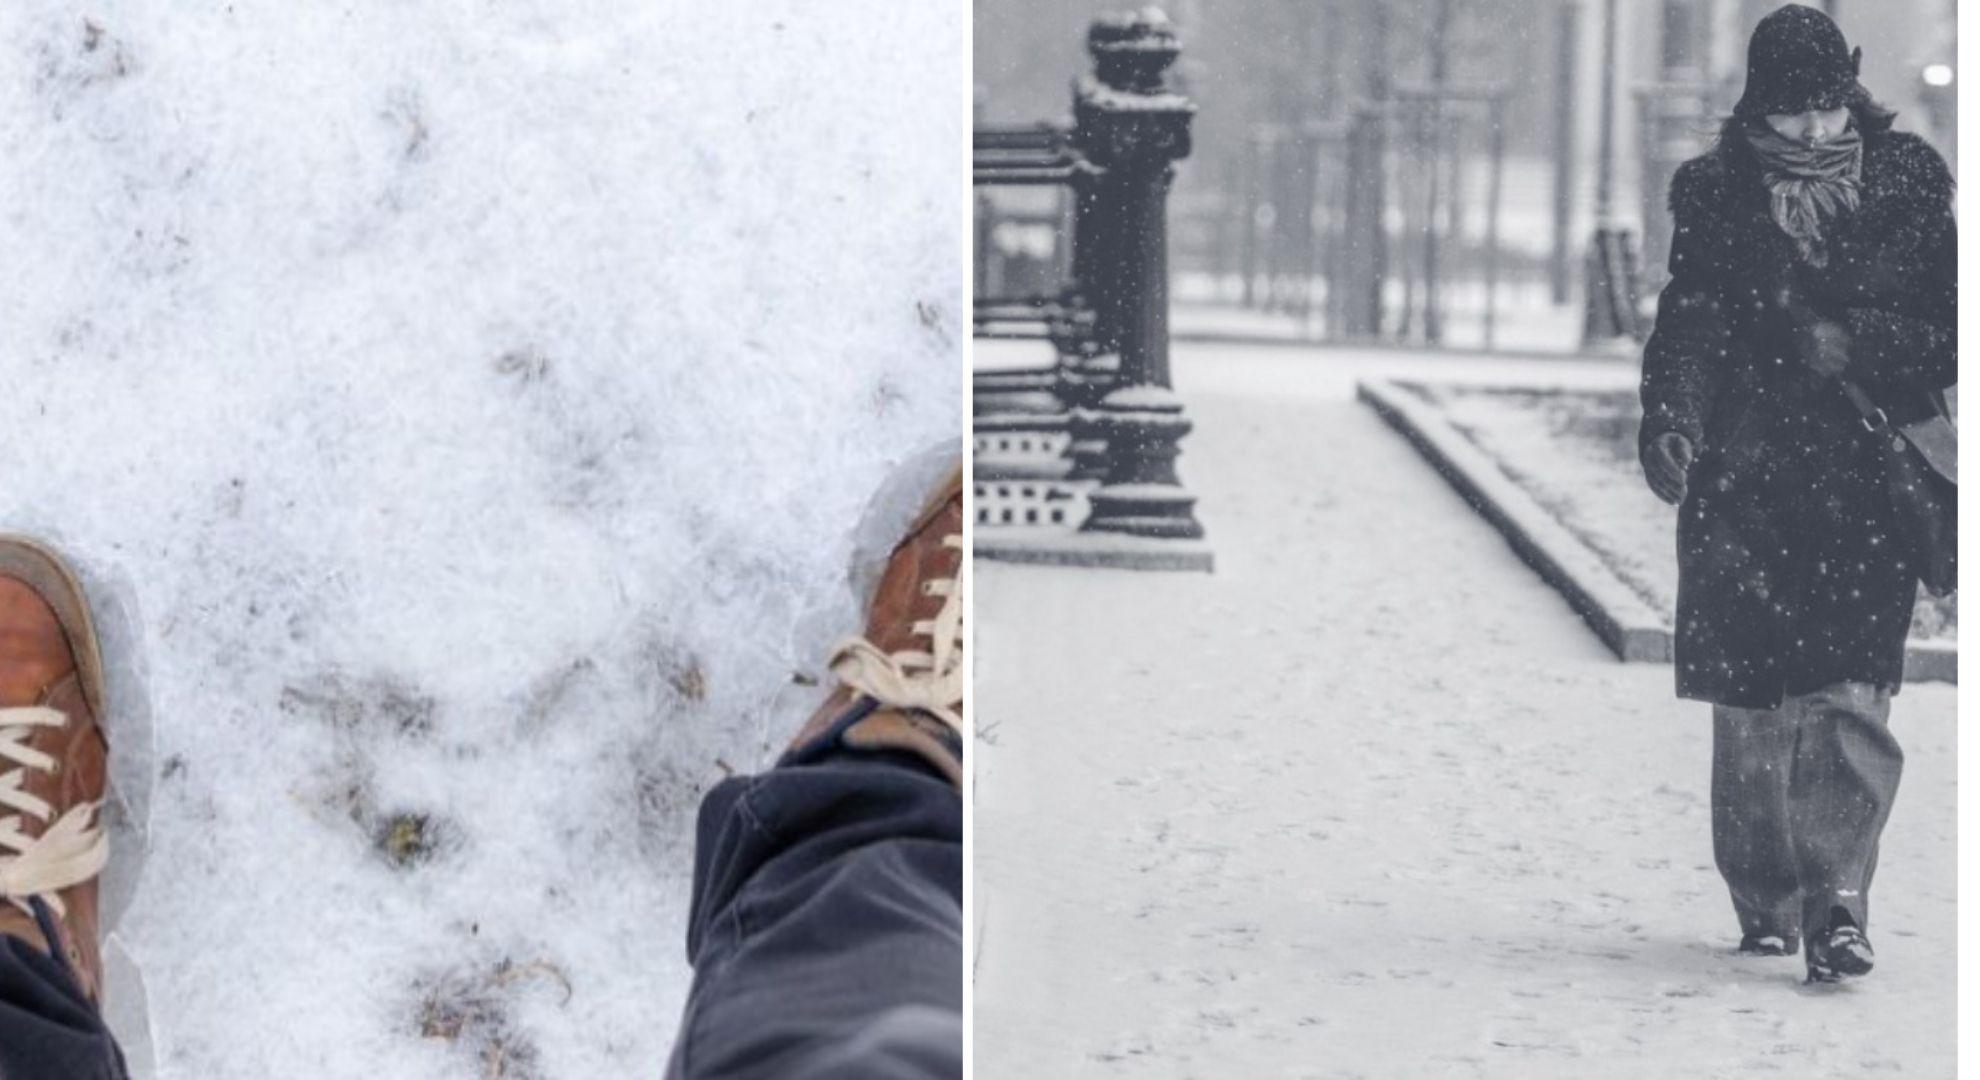 Prognoza meteo 9 decembrie 2020. Unde va continua să ningă